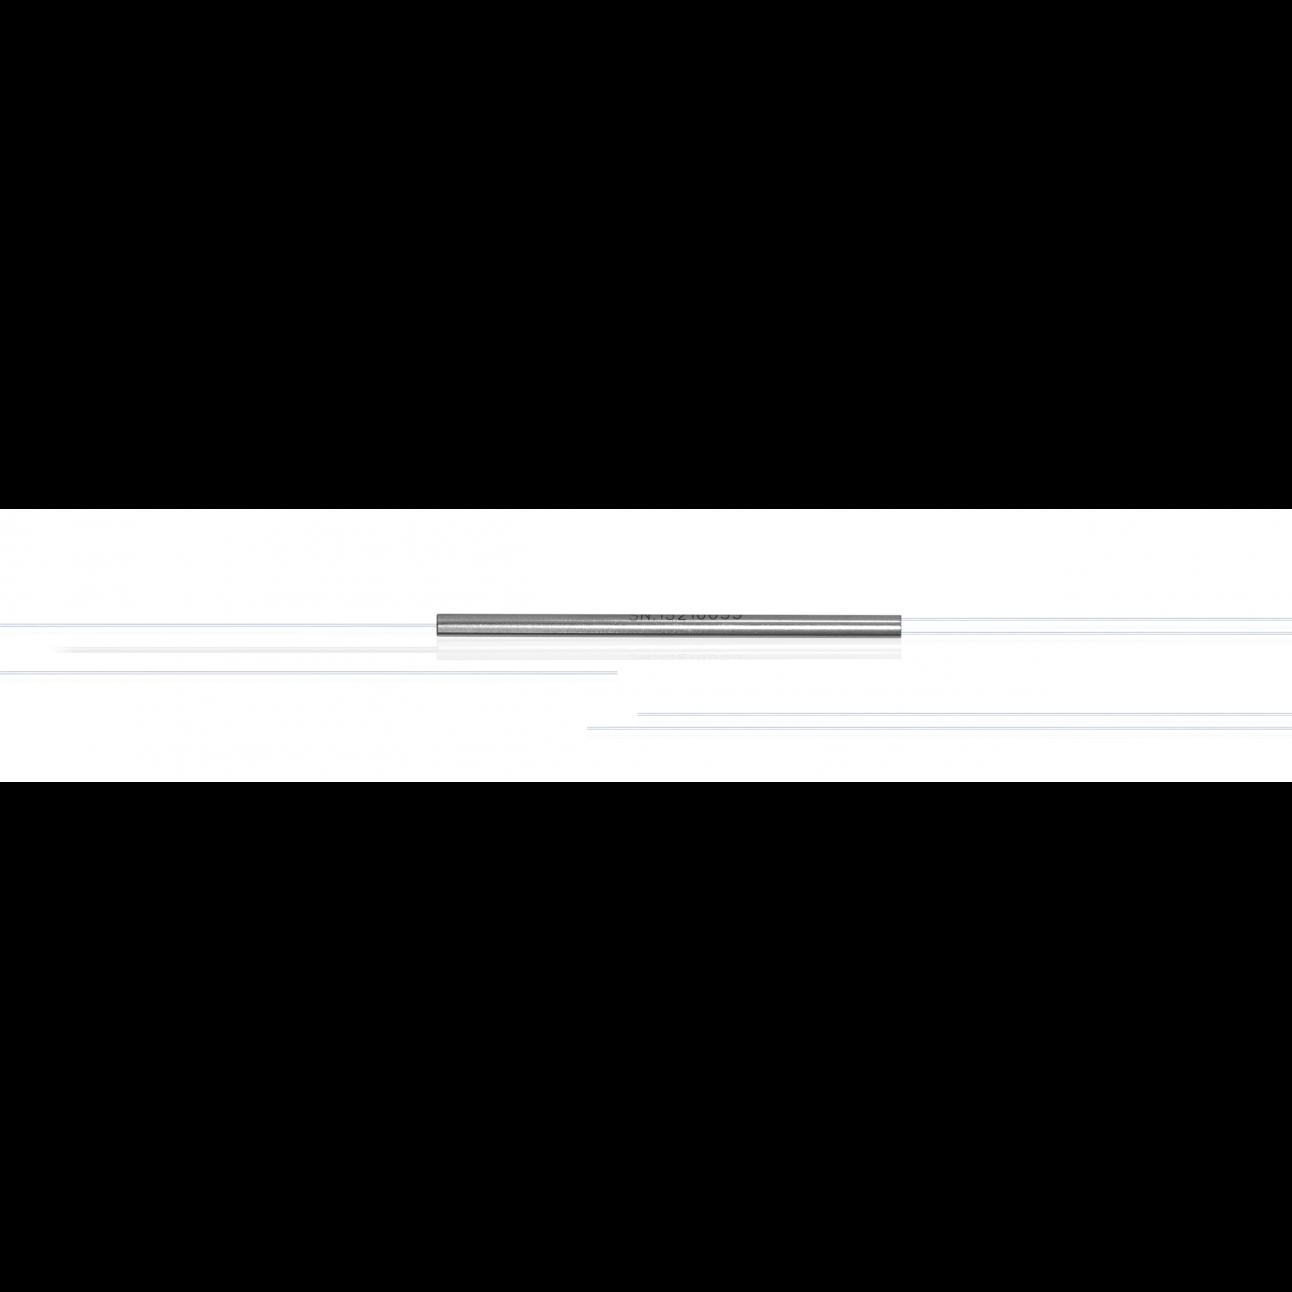 Делитель оптический бескорпусный буфер 225нм 1х2, 01/99, B-Optics (комплект из 2 шт.)